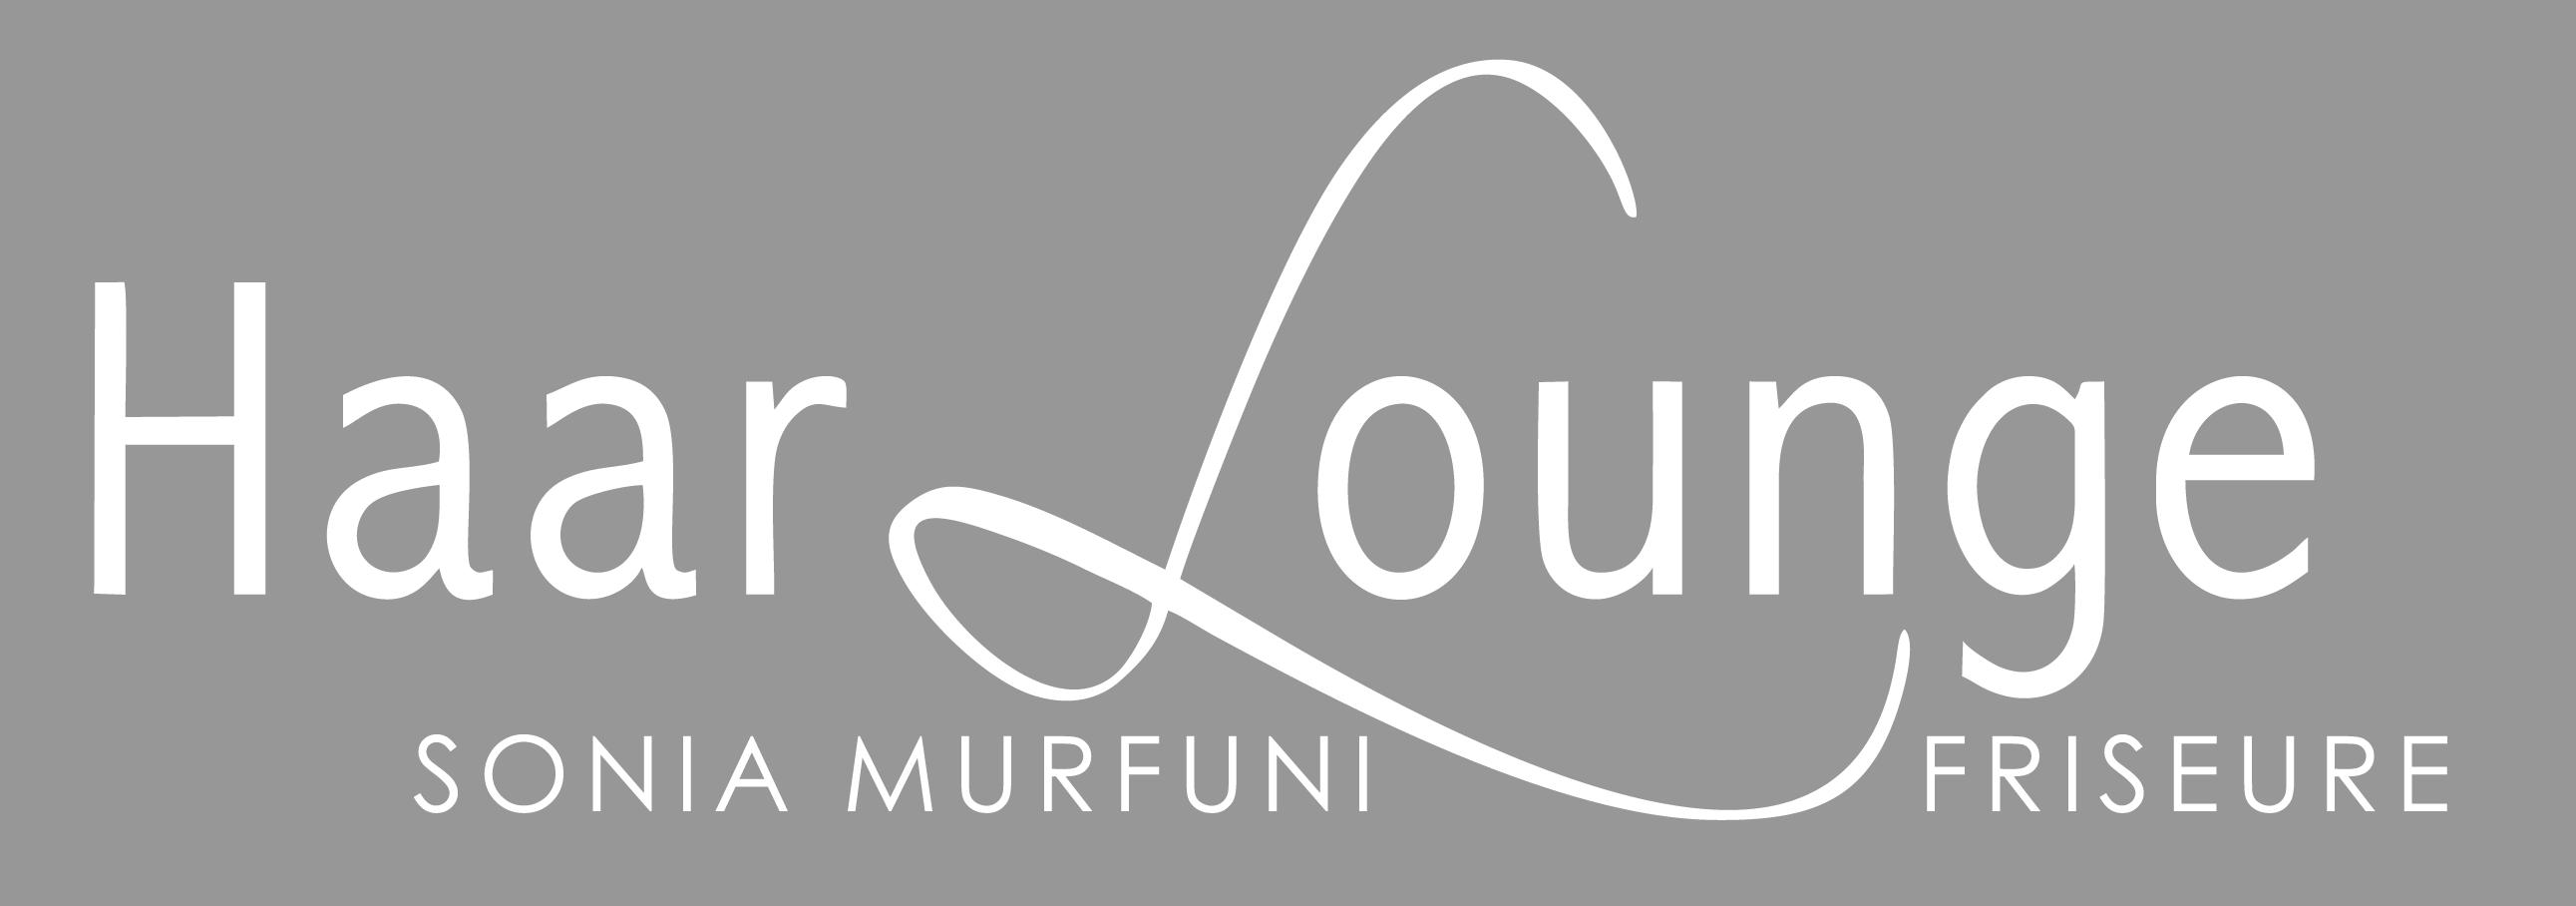 Haarlounge Sonia Murfuni Gummersbach | Ihr Friseur in Gummersbach